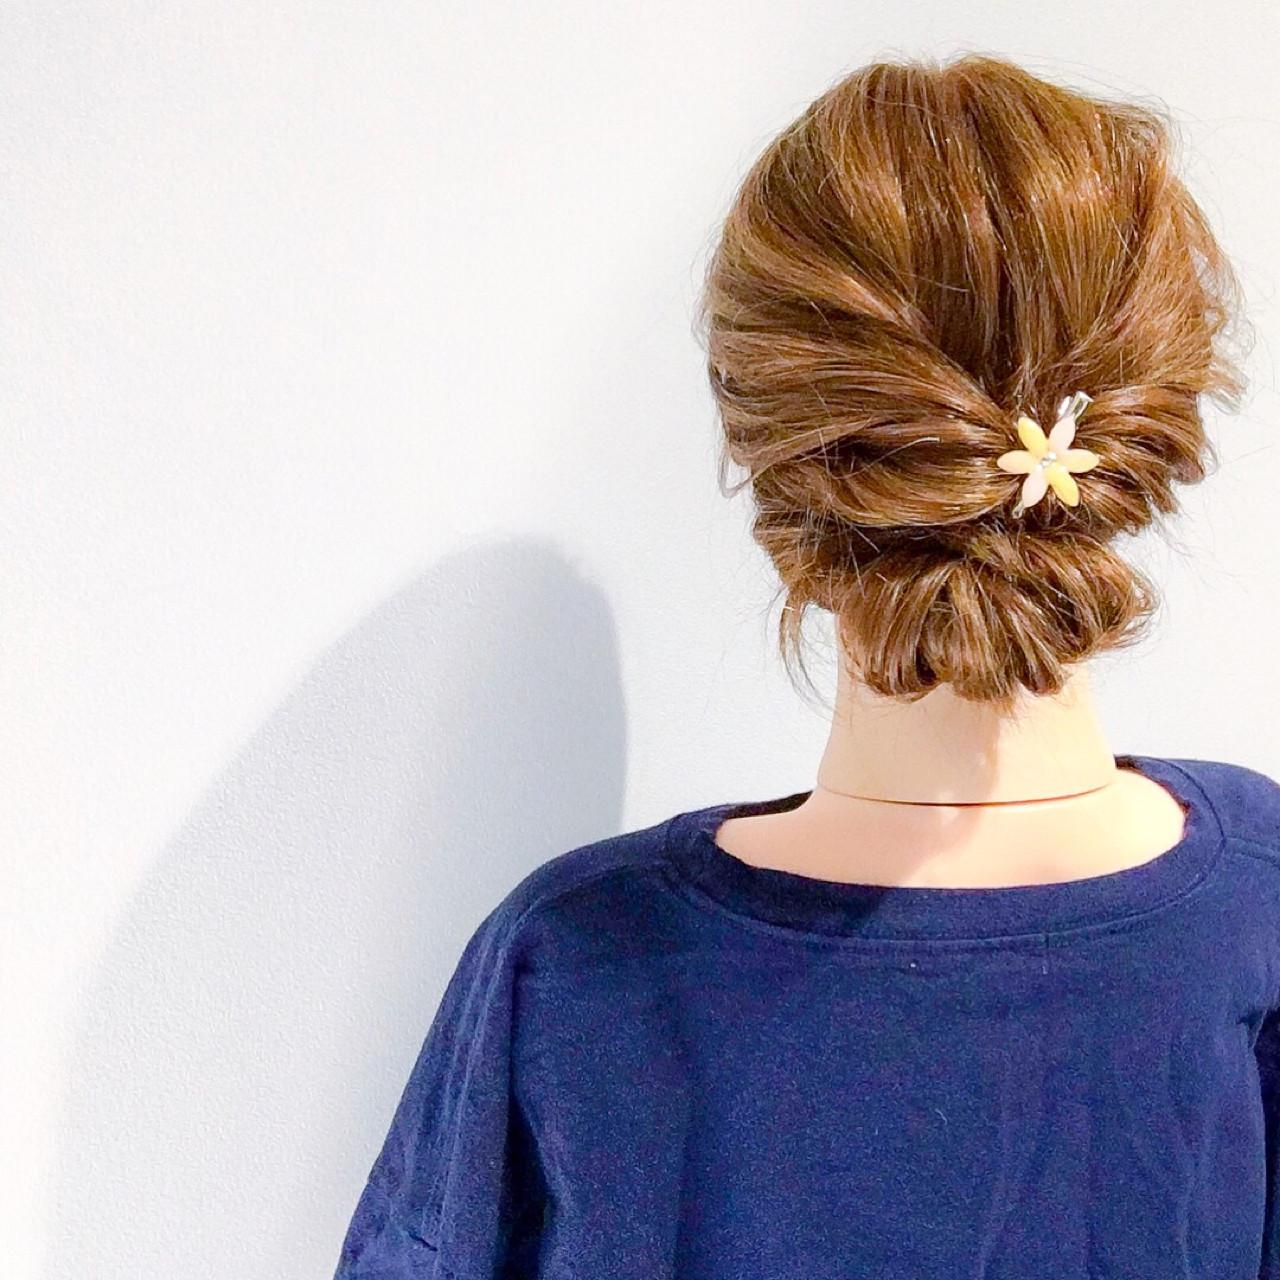 デート 結婚式 アウトドア ヘアアレンジ ヘアスタイルや髪型の写真・画像   美容師HIRO/Amoute代表 / Amoute/アムティ